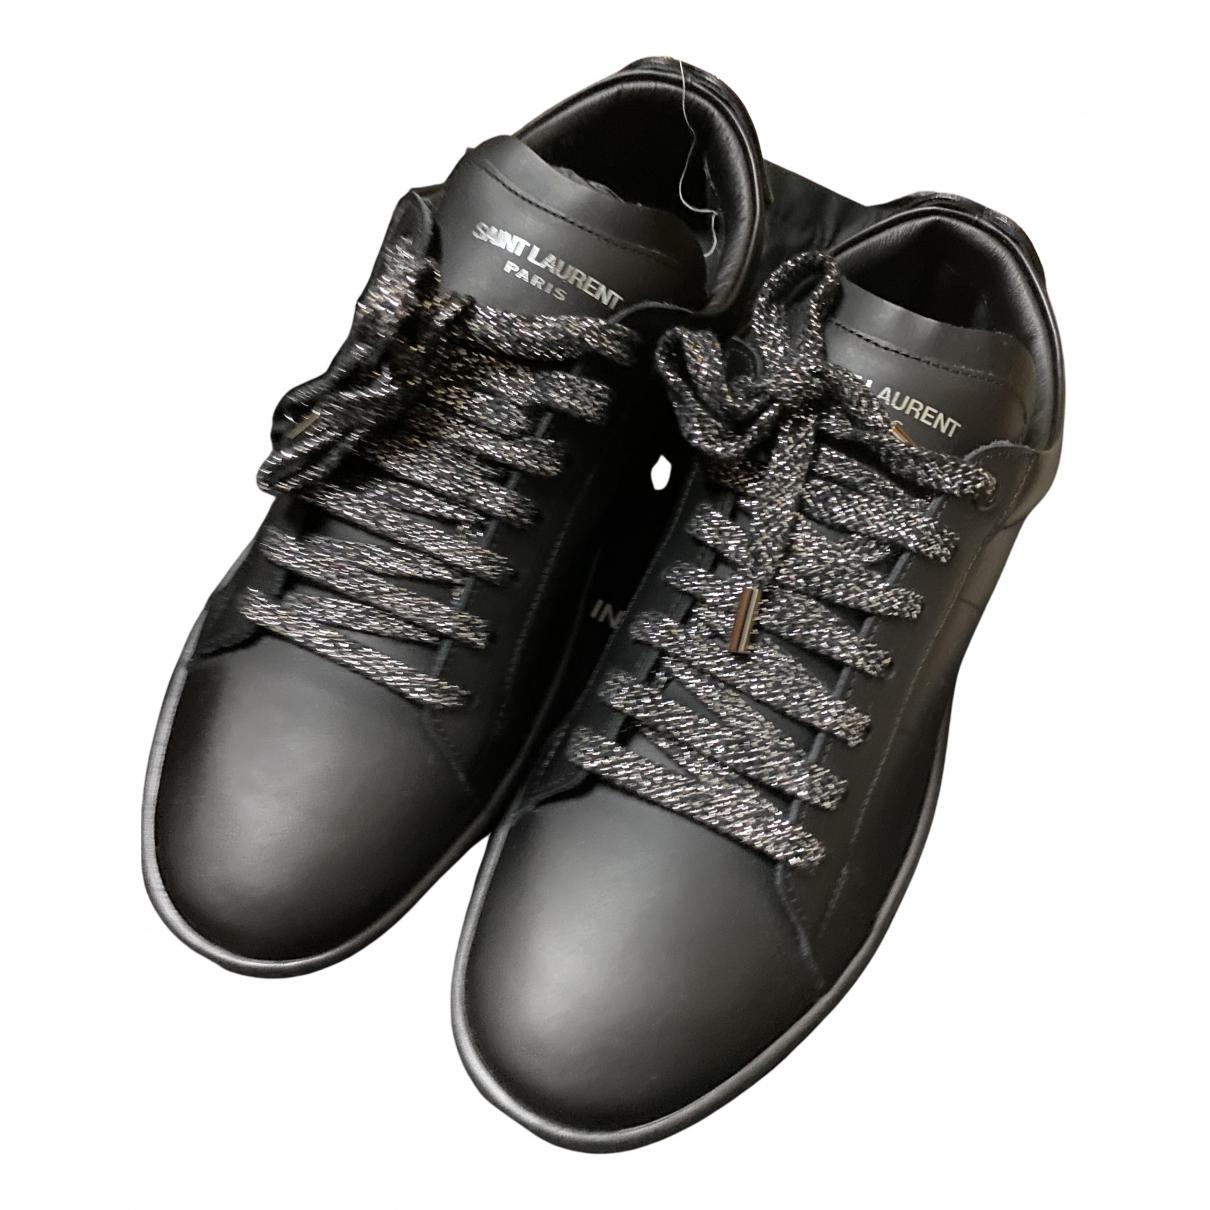 Saint Laurent - Baskets SL/01 pour homme en cuir - noir